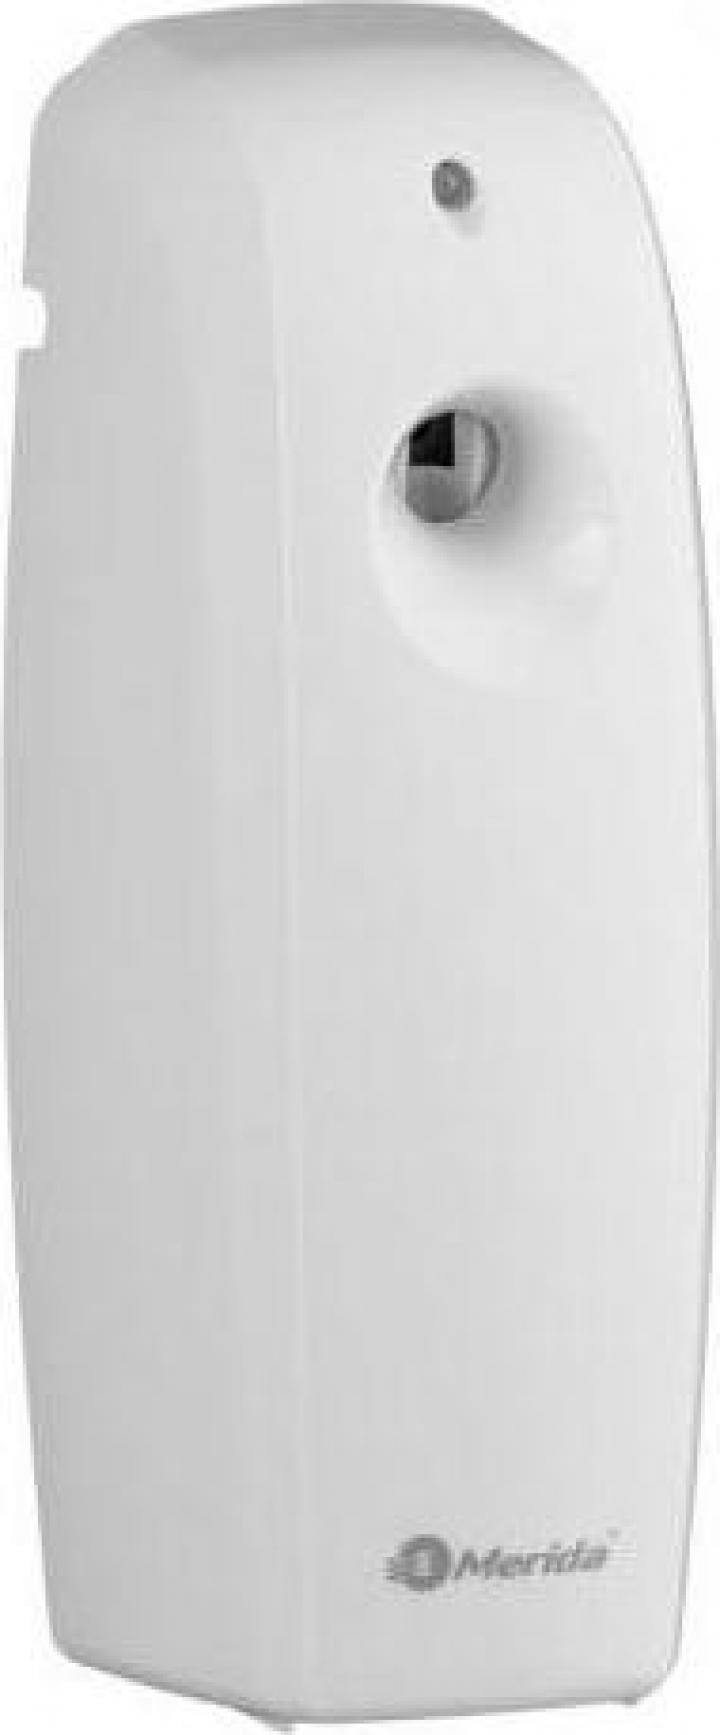 Dispenser odorizant Merida GJB701